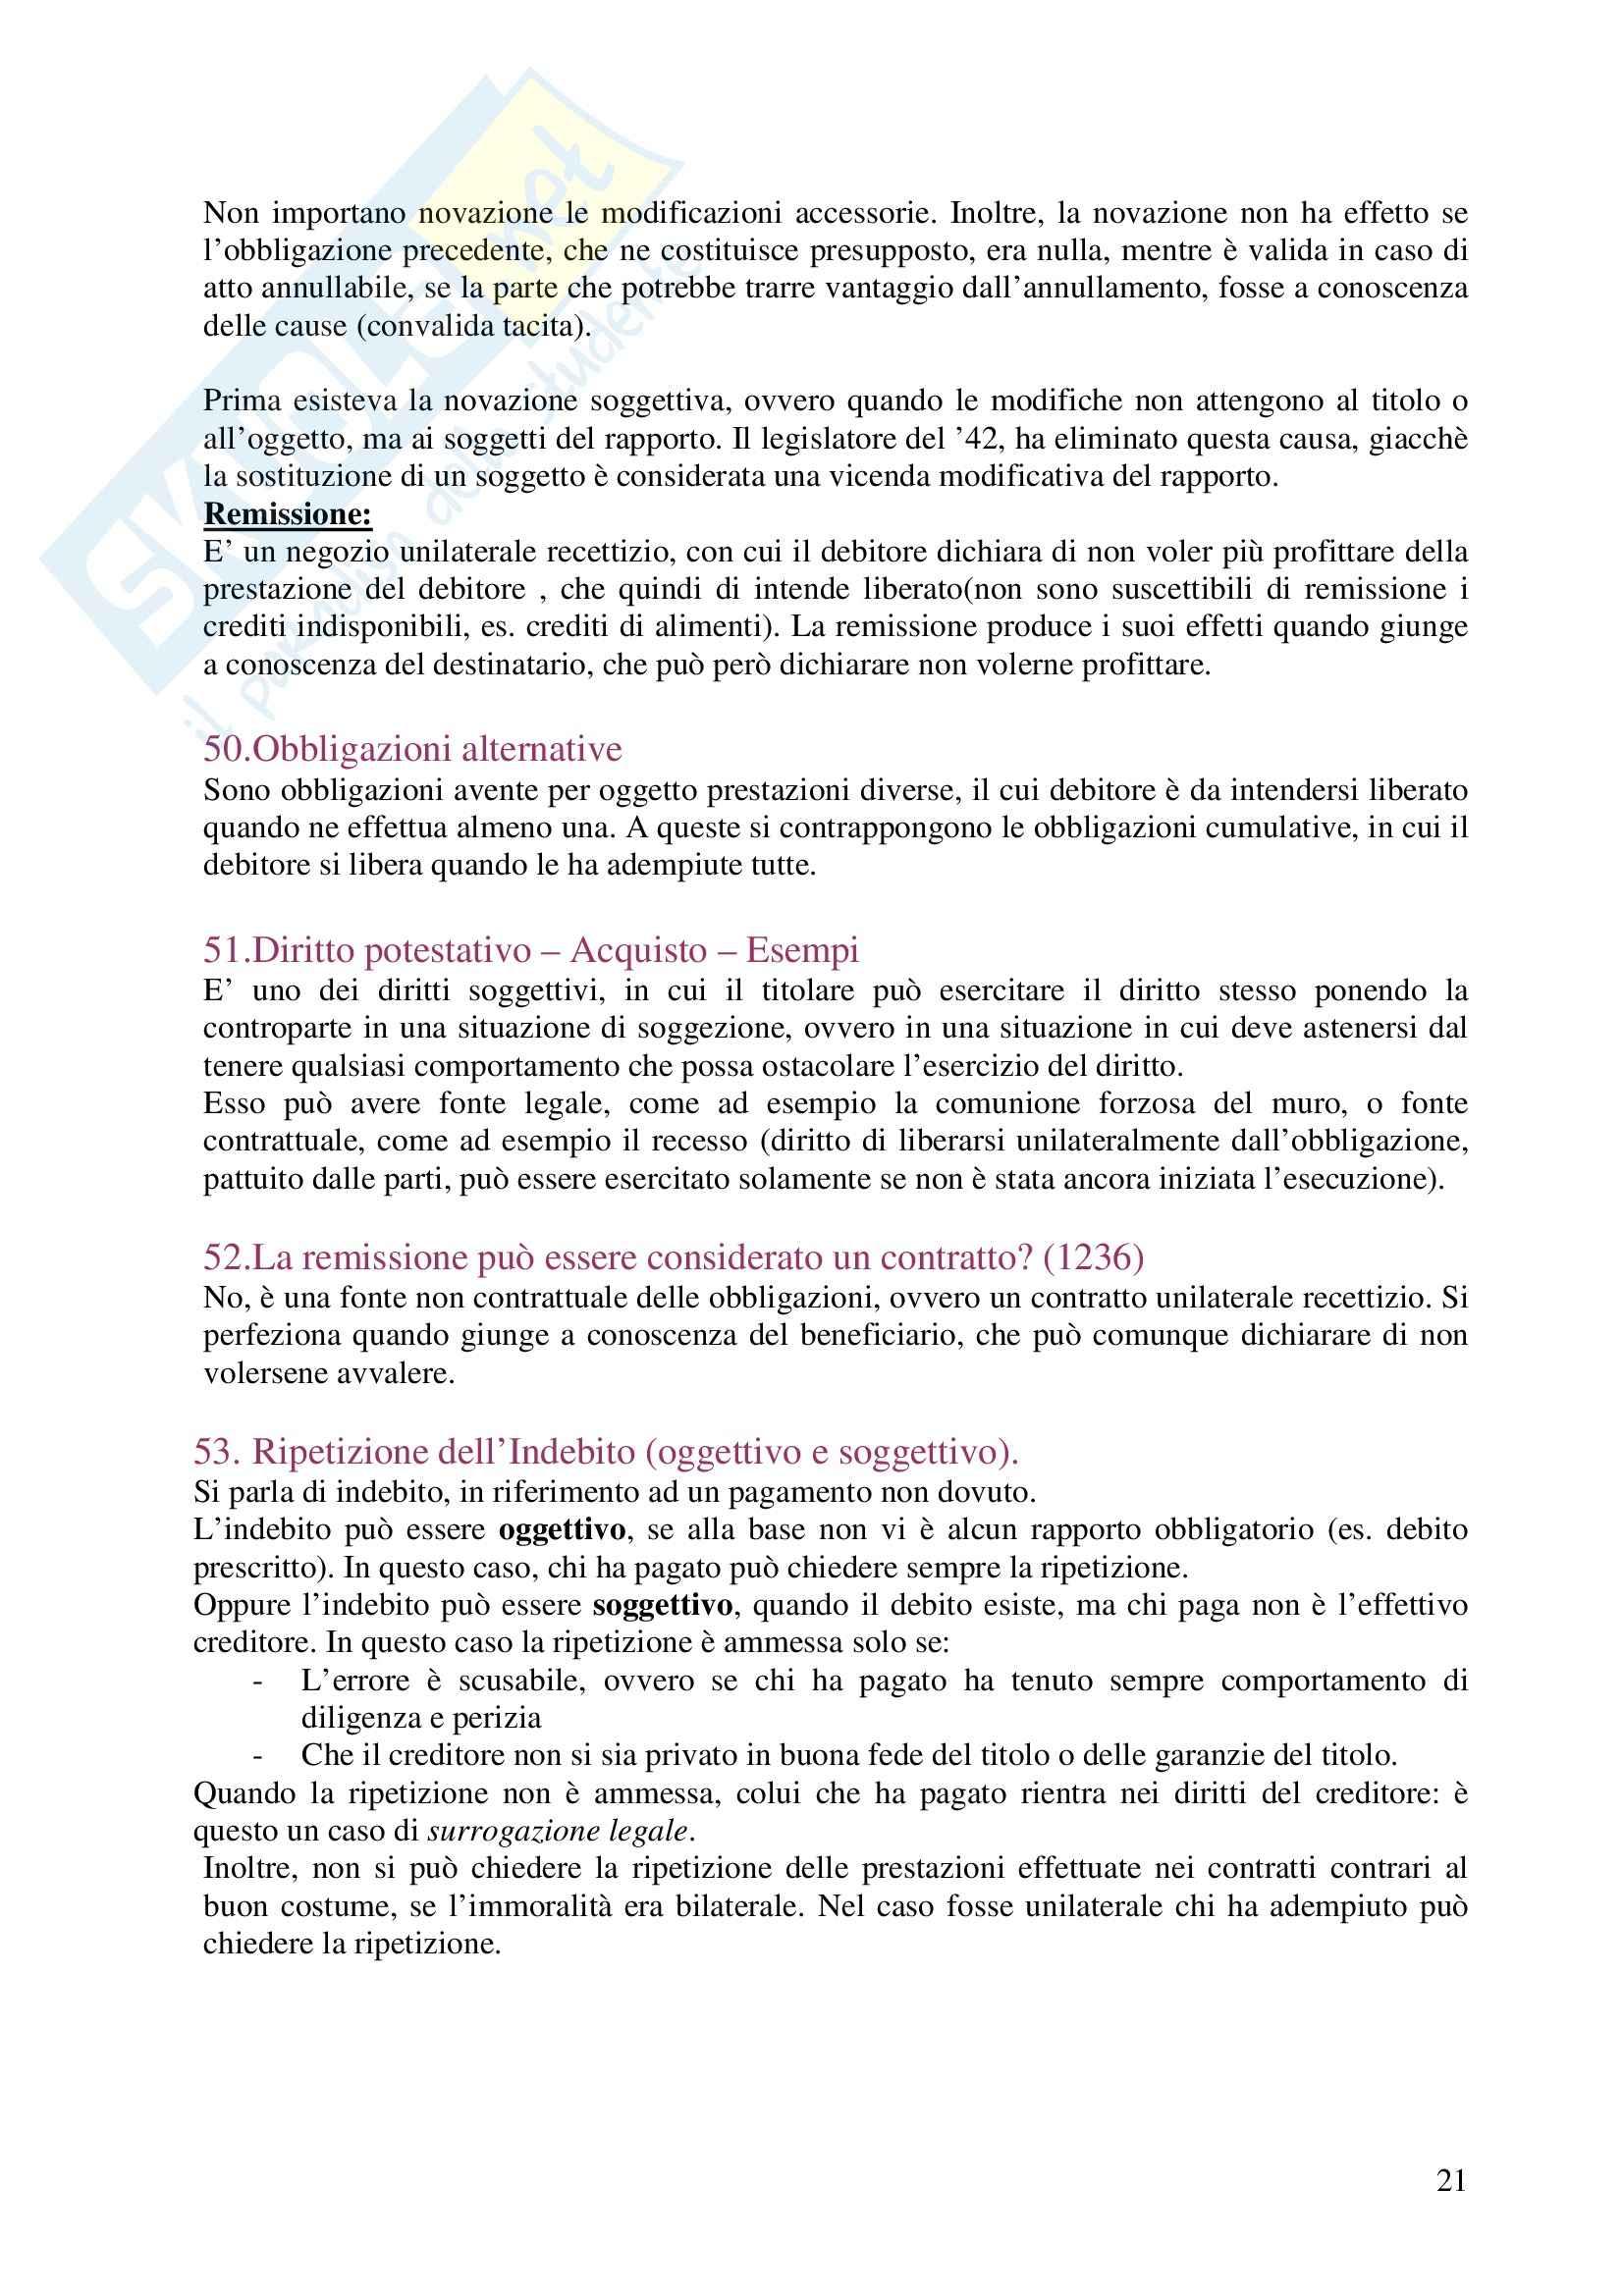 Diritto privato - Domande e risposte Pag. 21